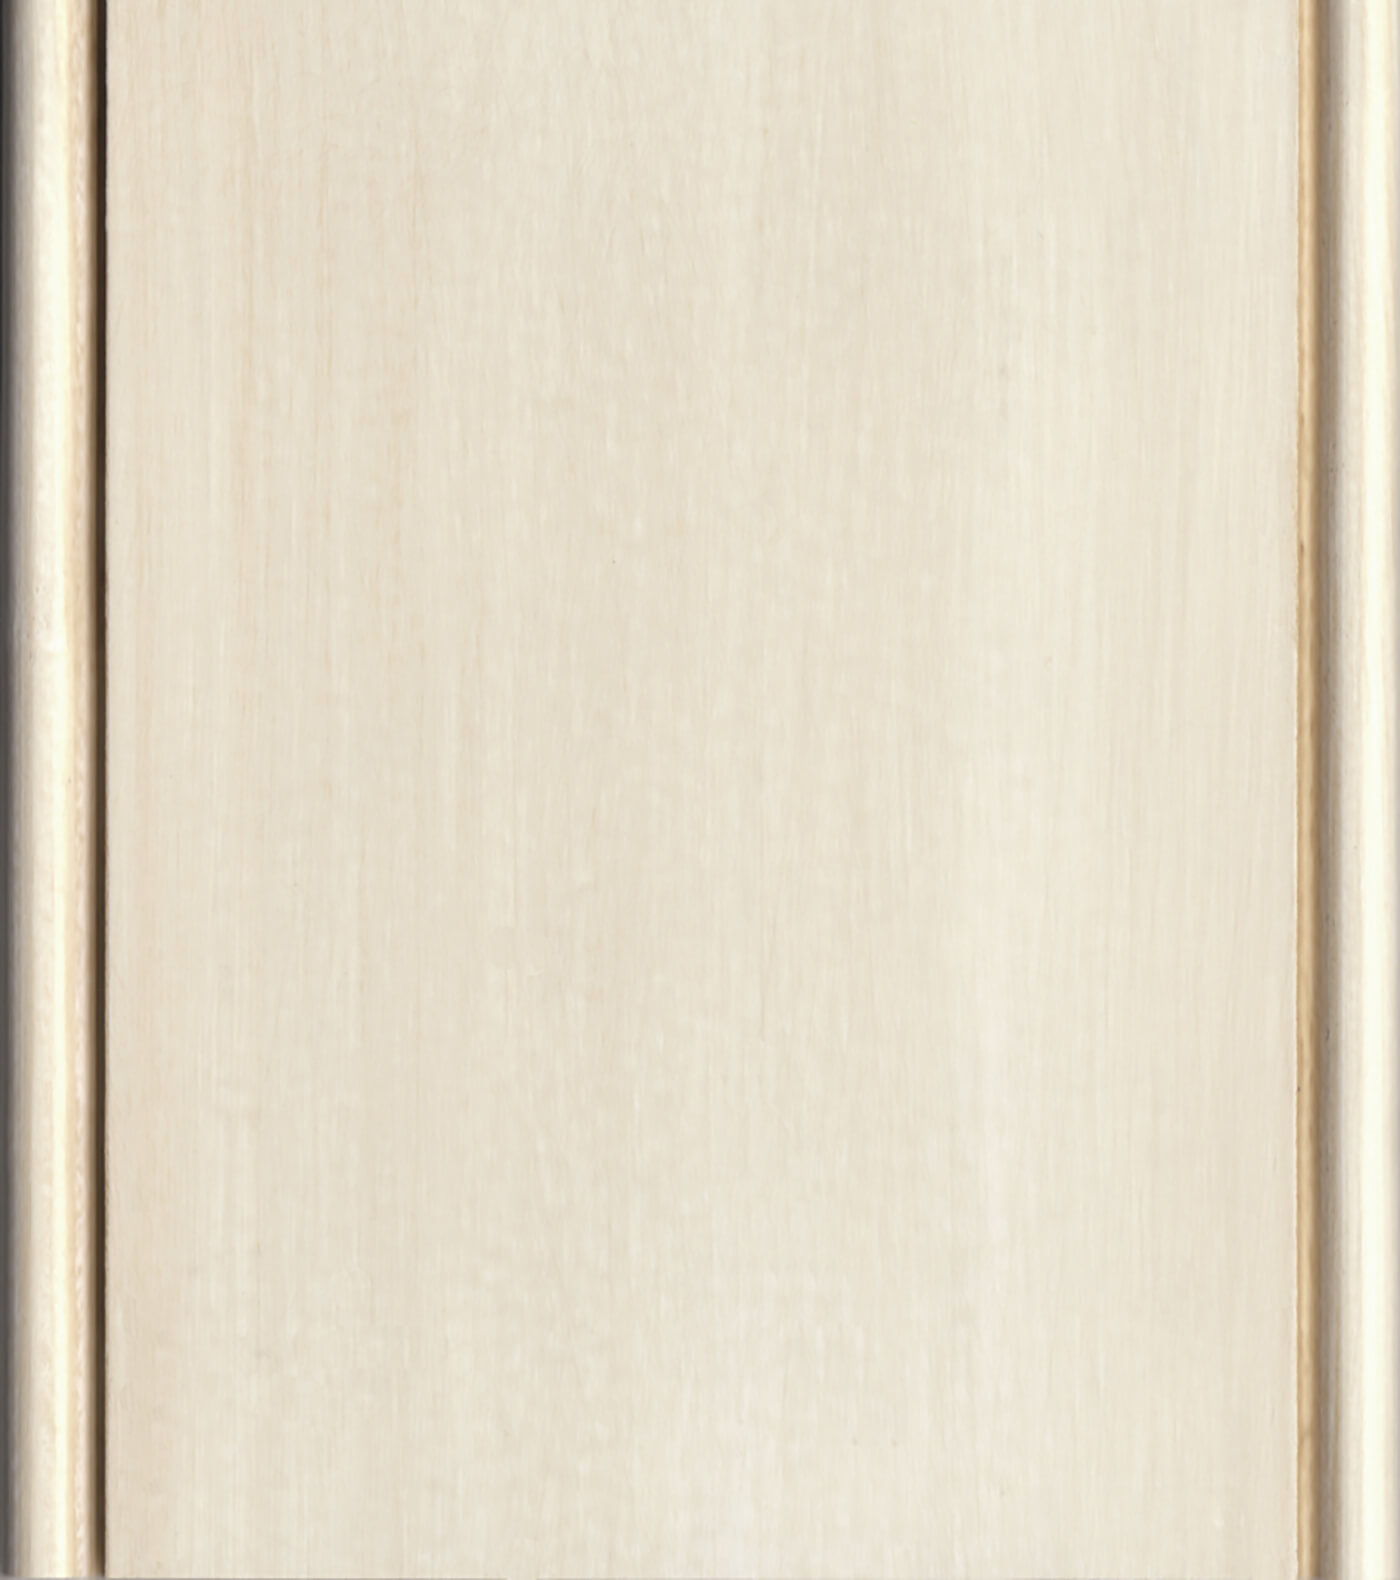 White / Espresso Paint/ Glaze Finish on Paintable